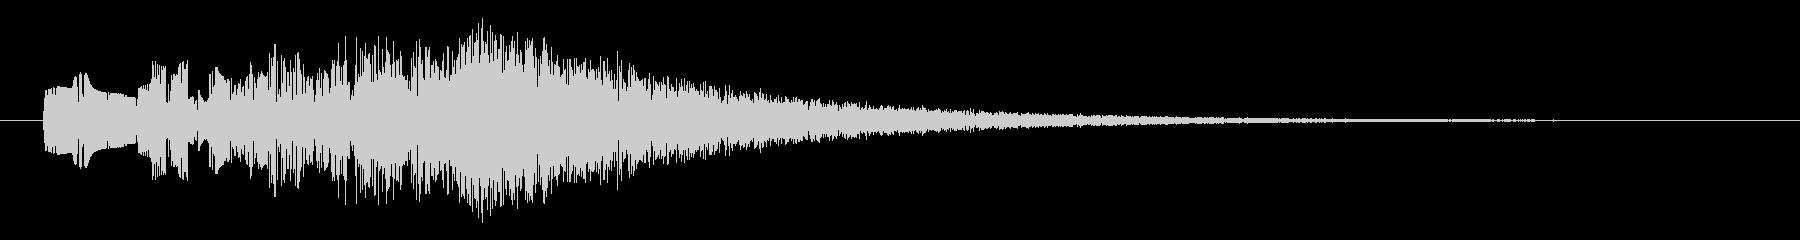 コミカルな場面転換の音_びゅぉぉぉ~の未再生の波形